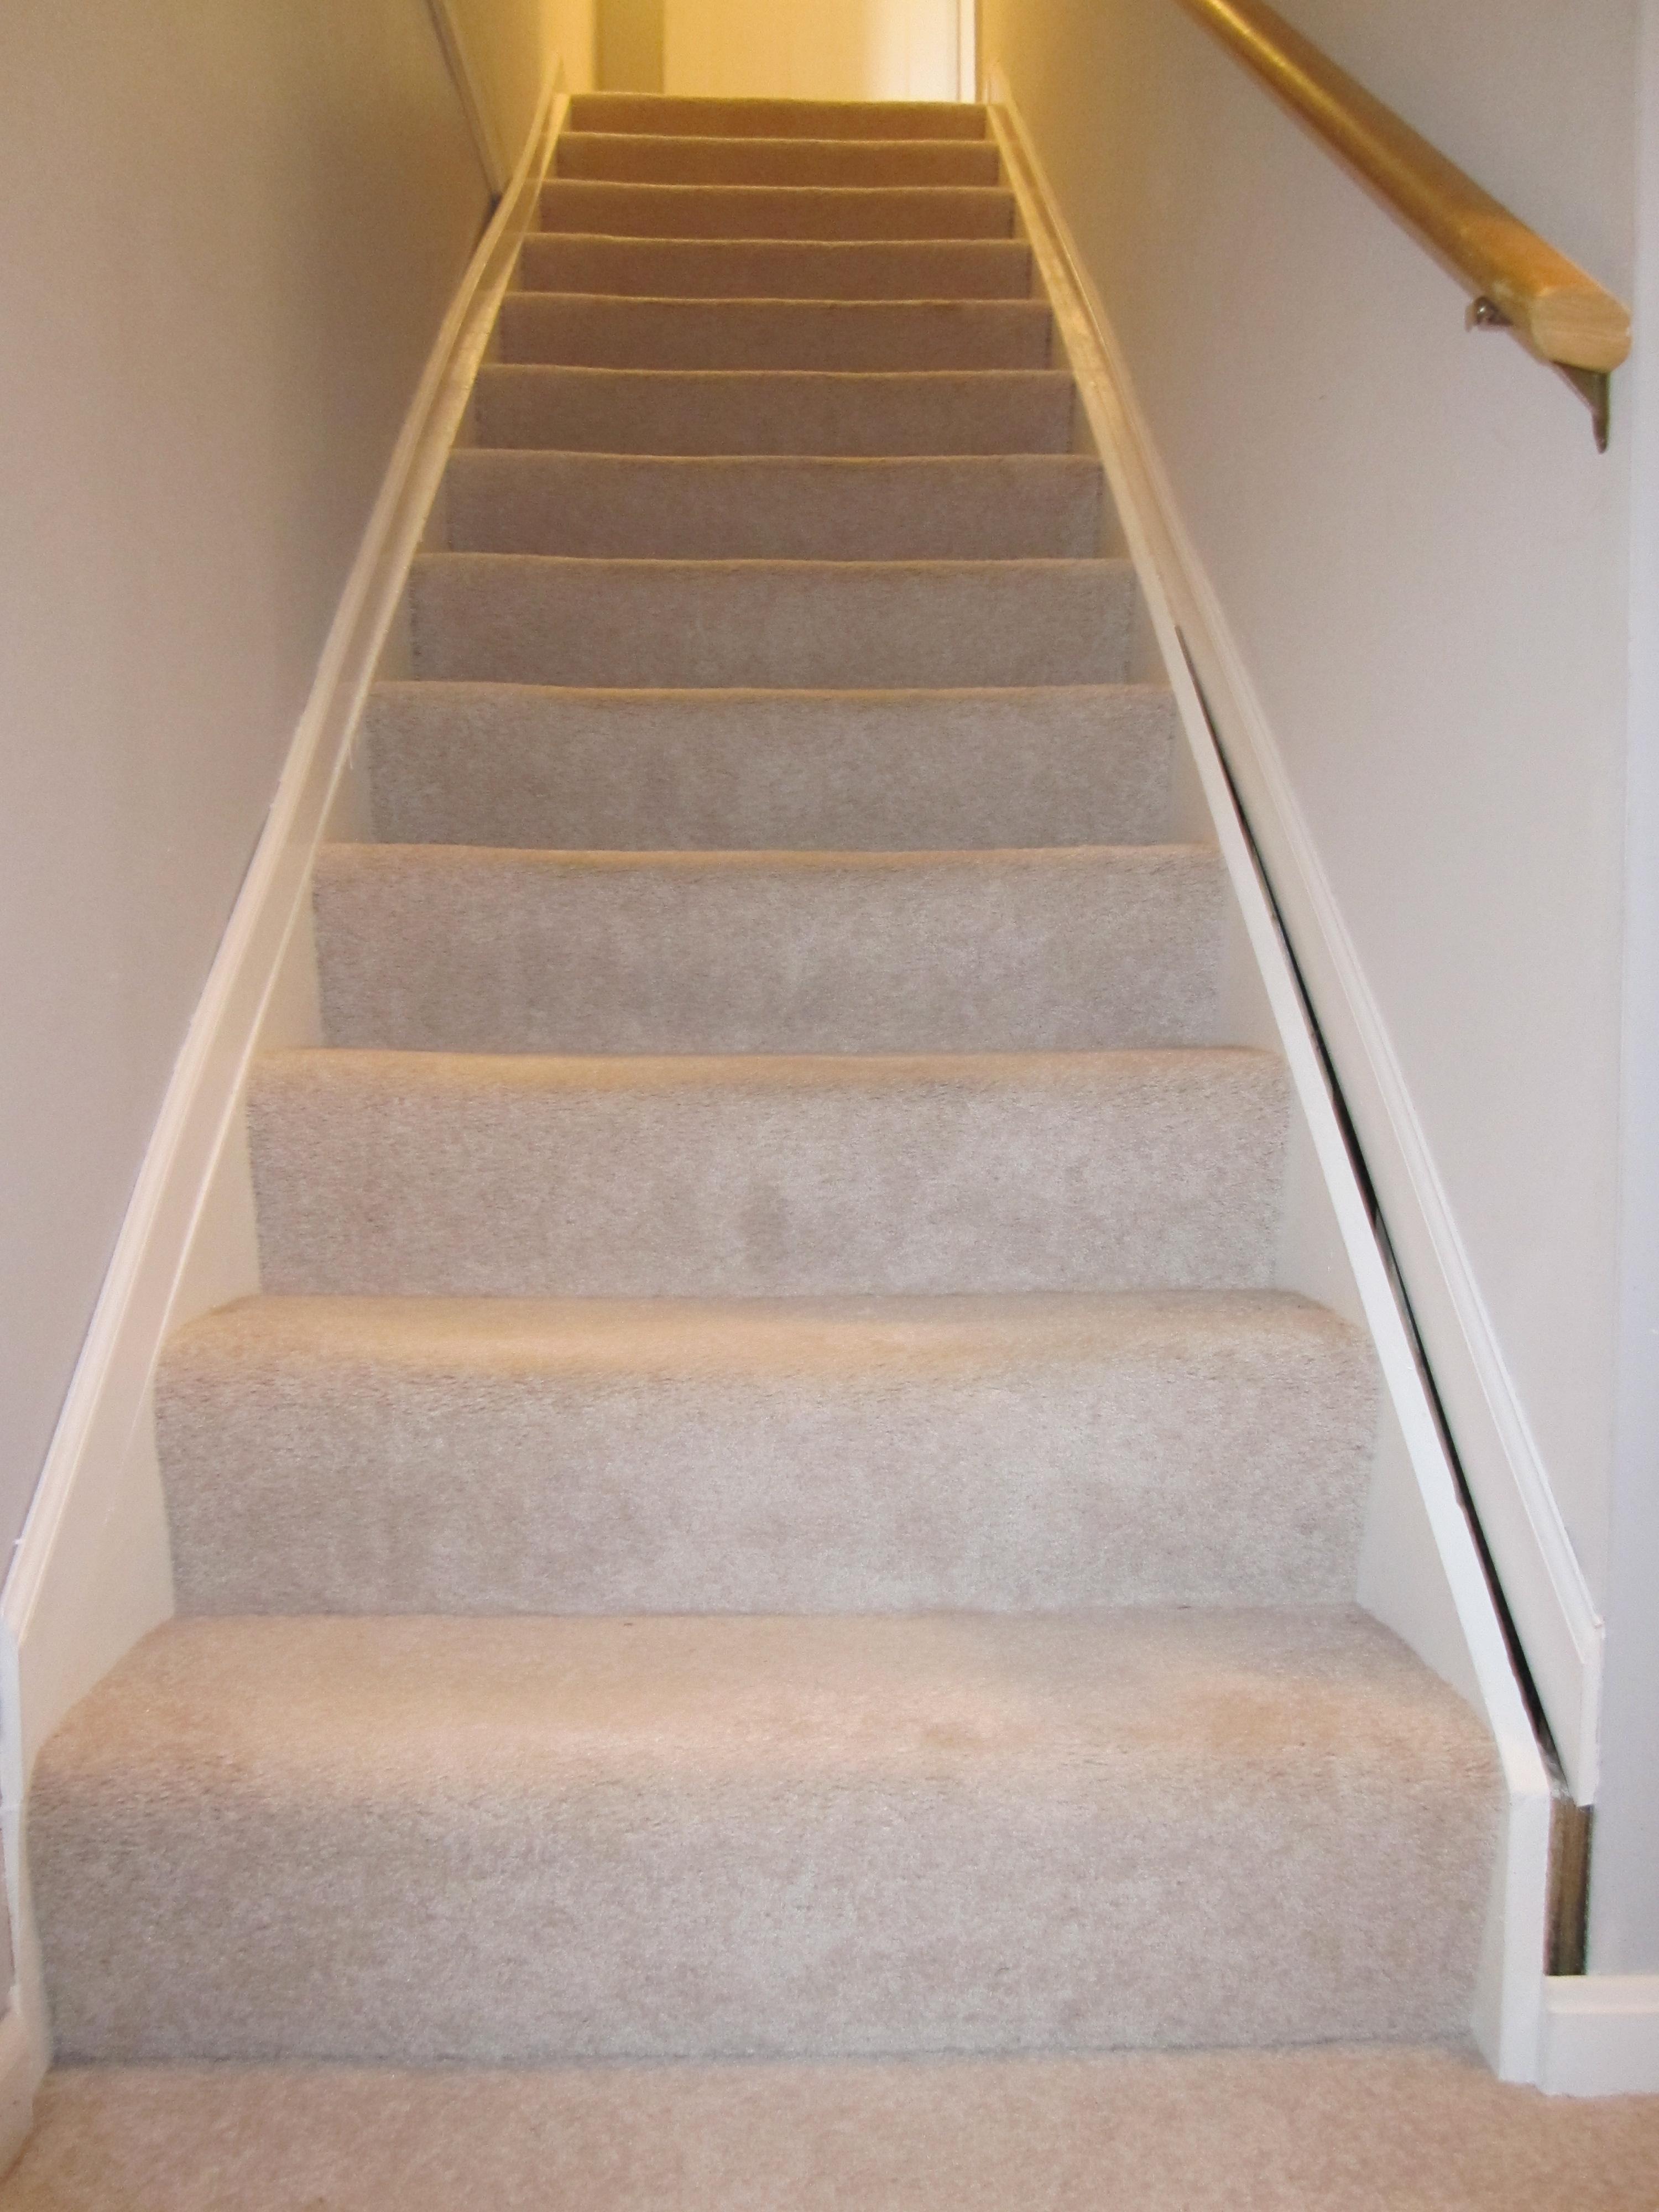 Finishing Basement Stairs Trim